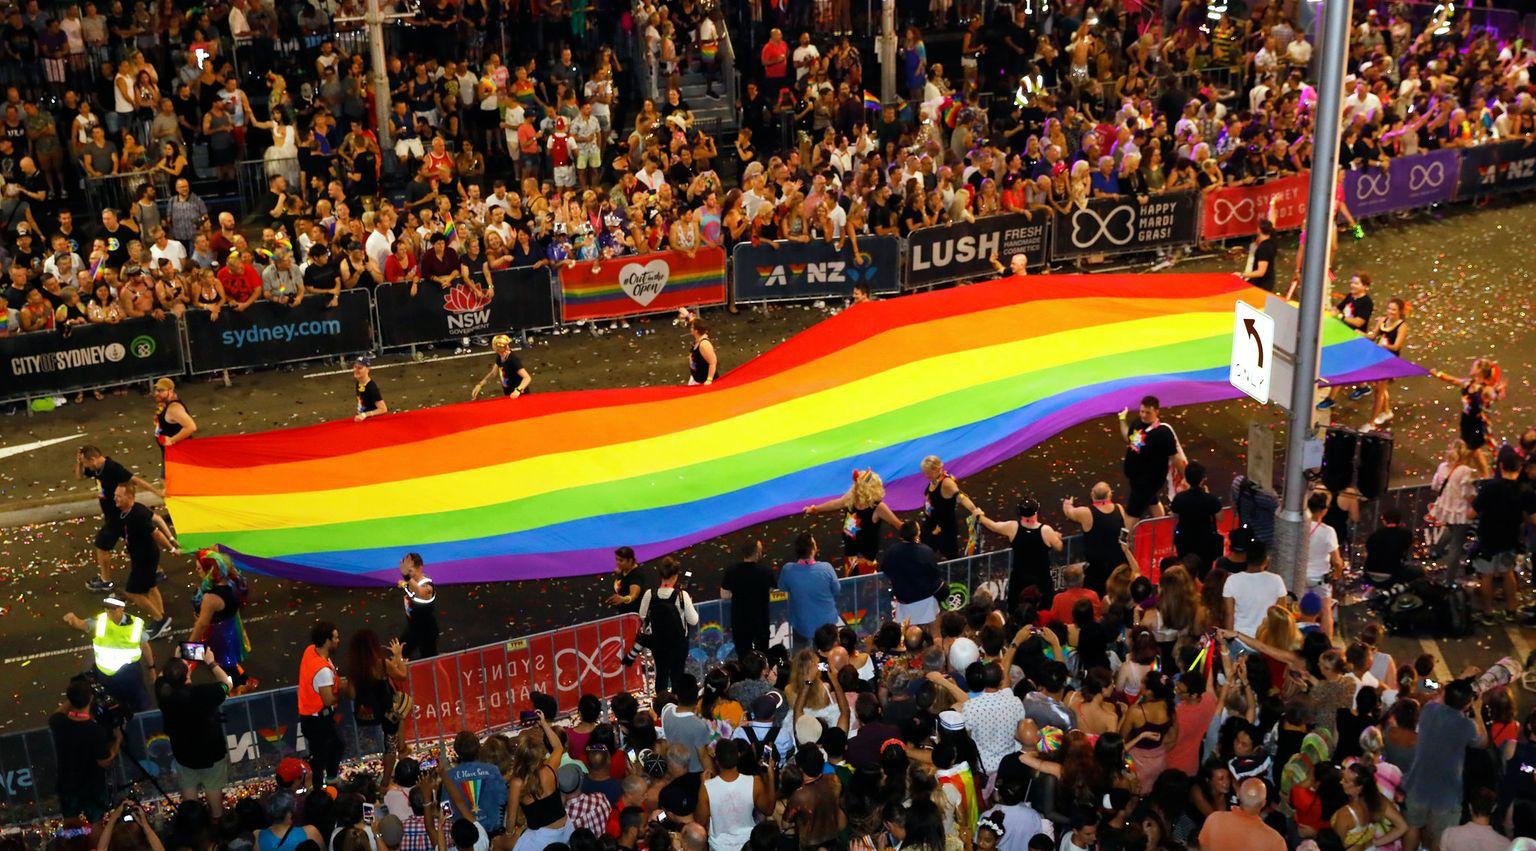 41. Sydney Gay ve Lezbiyen Mardi Gras Yine Katılımcı Rekoru Kırdı!